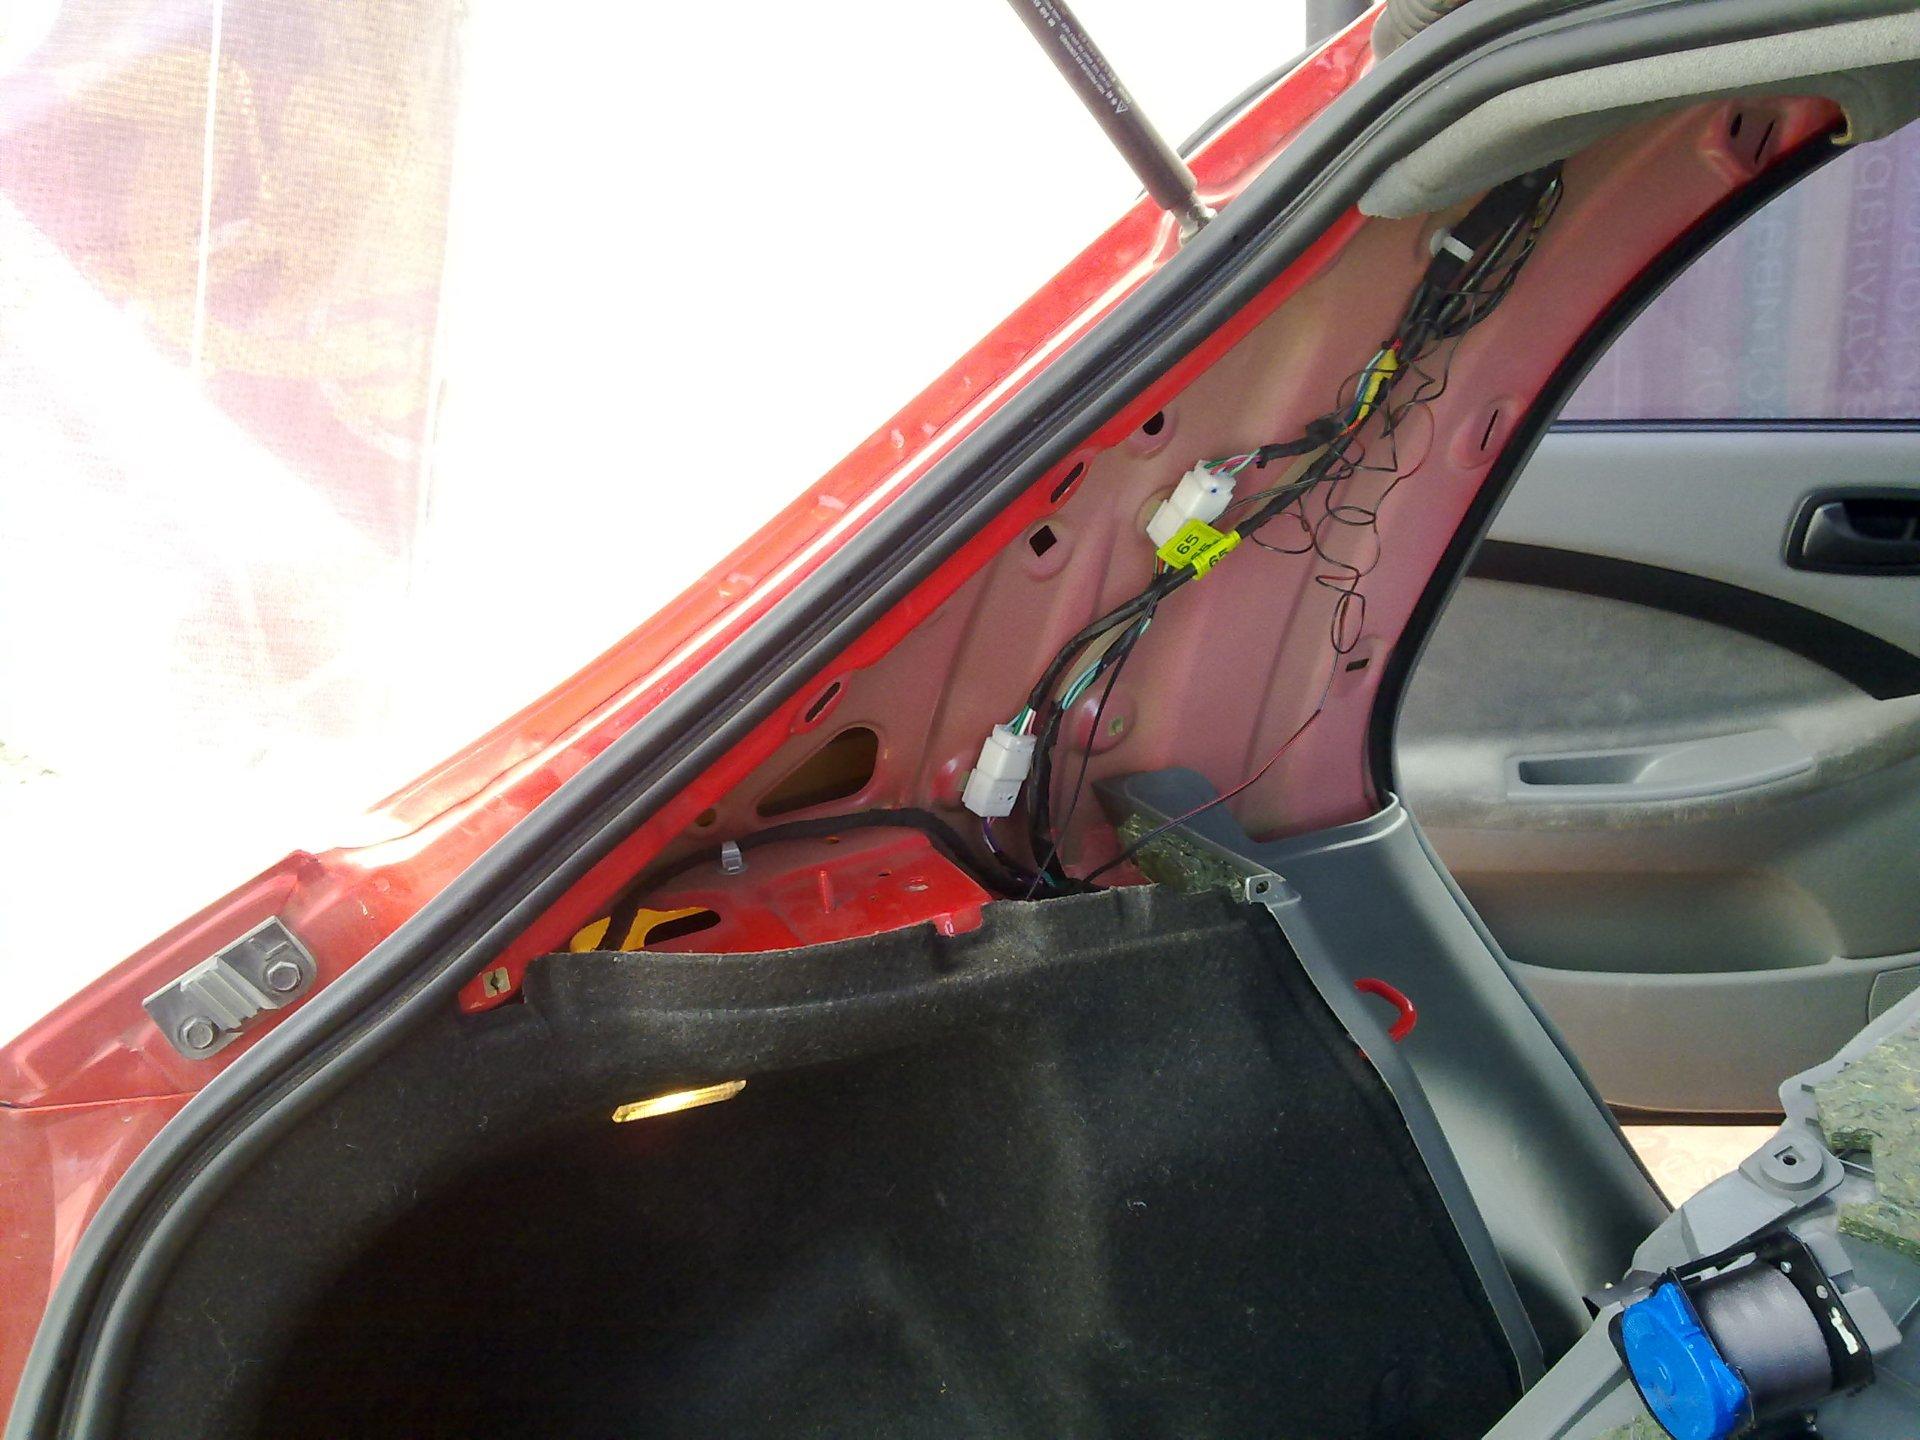 замена задних амортизаторов на автомобиле chevrolet лачетти